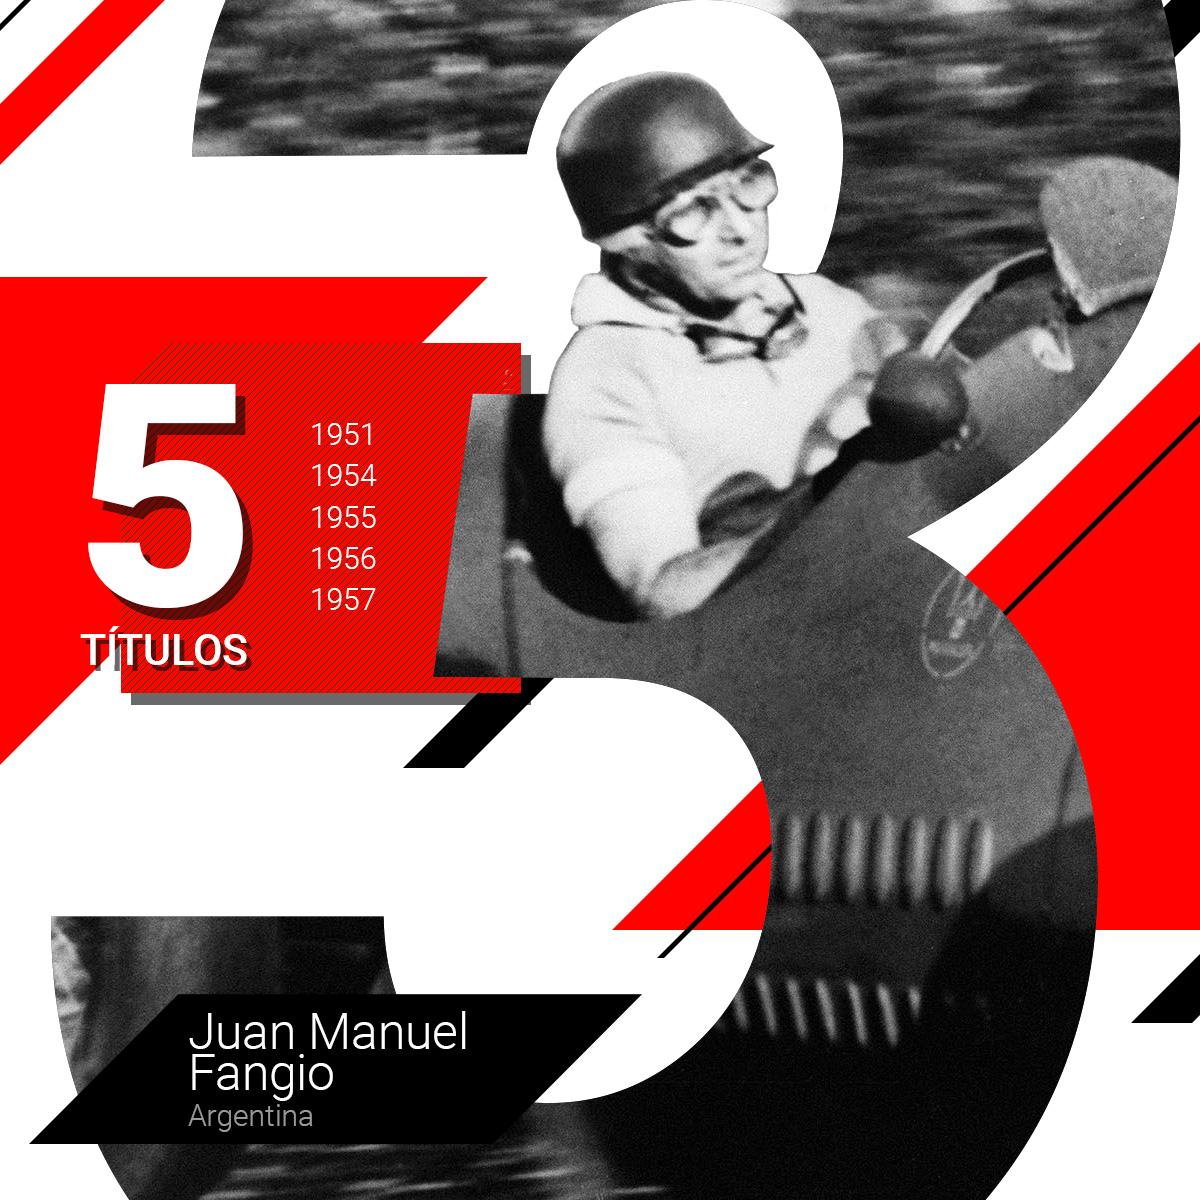 Juan Manuel Fangio, el máximo campeón de la Fórmula 1 a lo largo de varias décadas